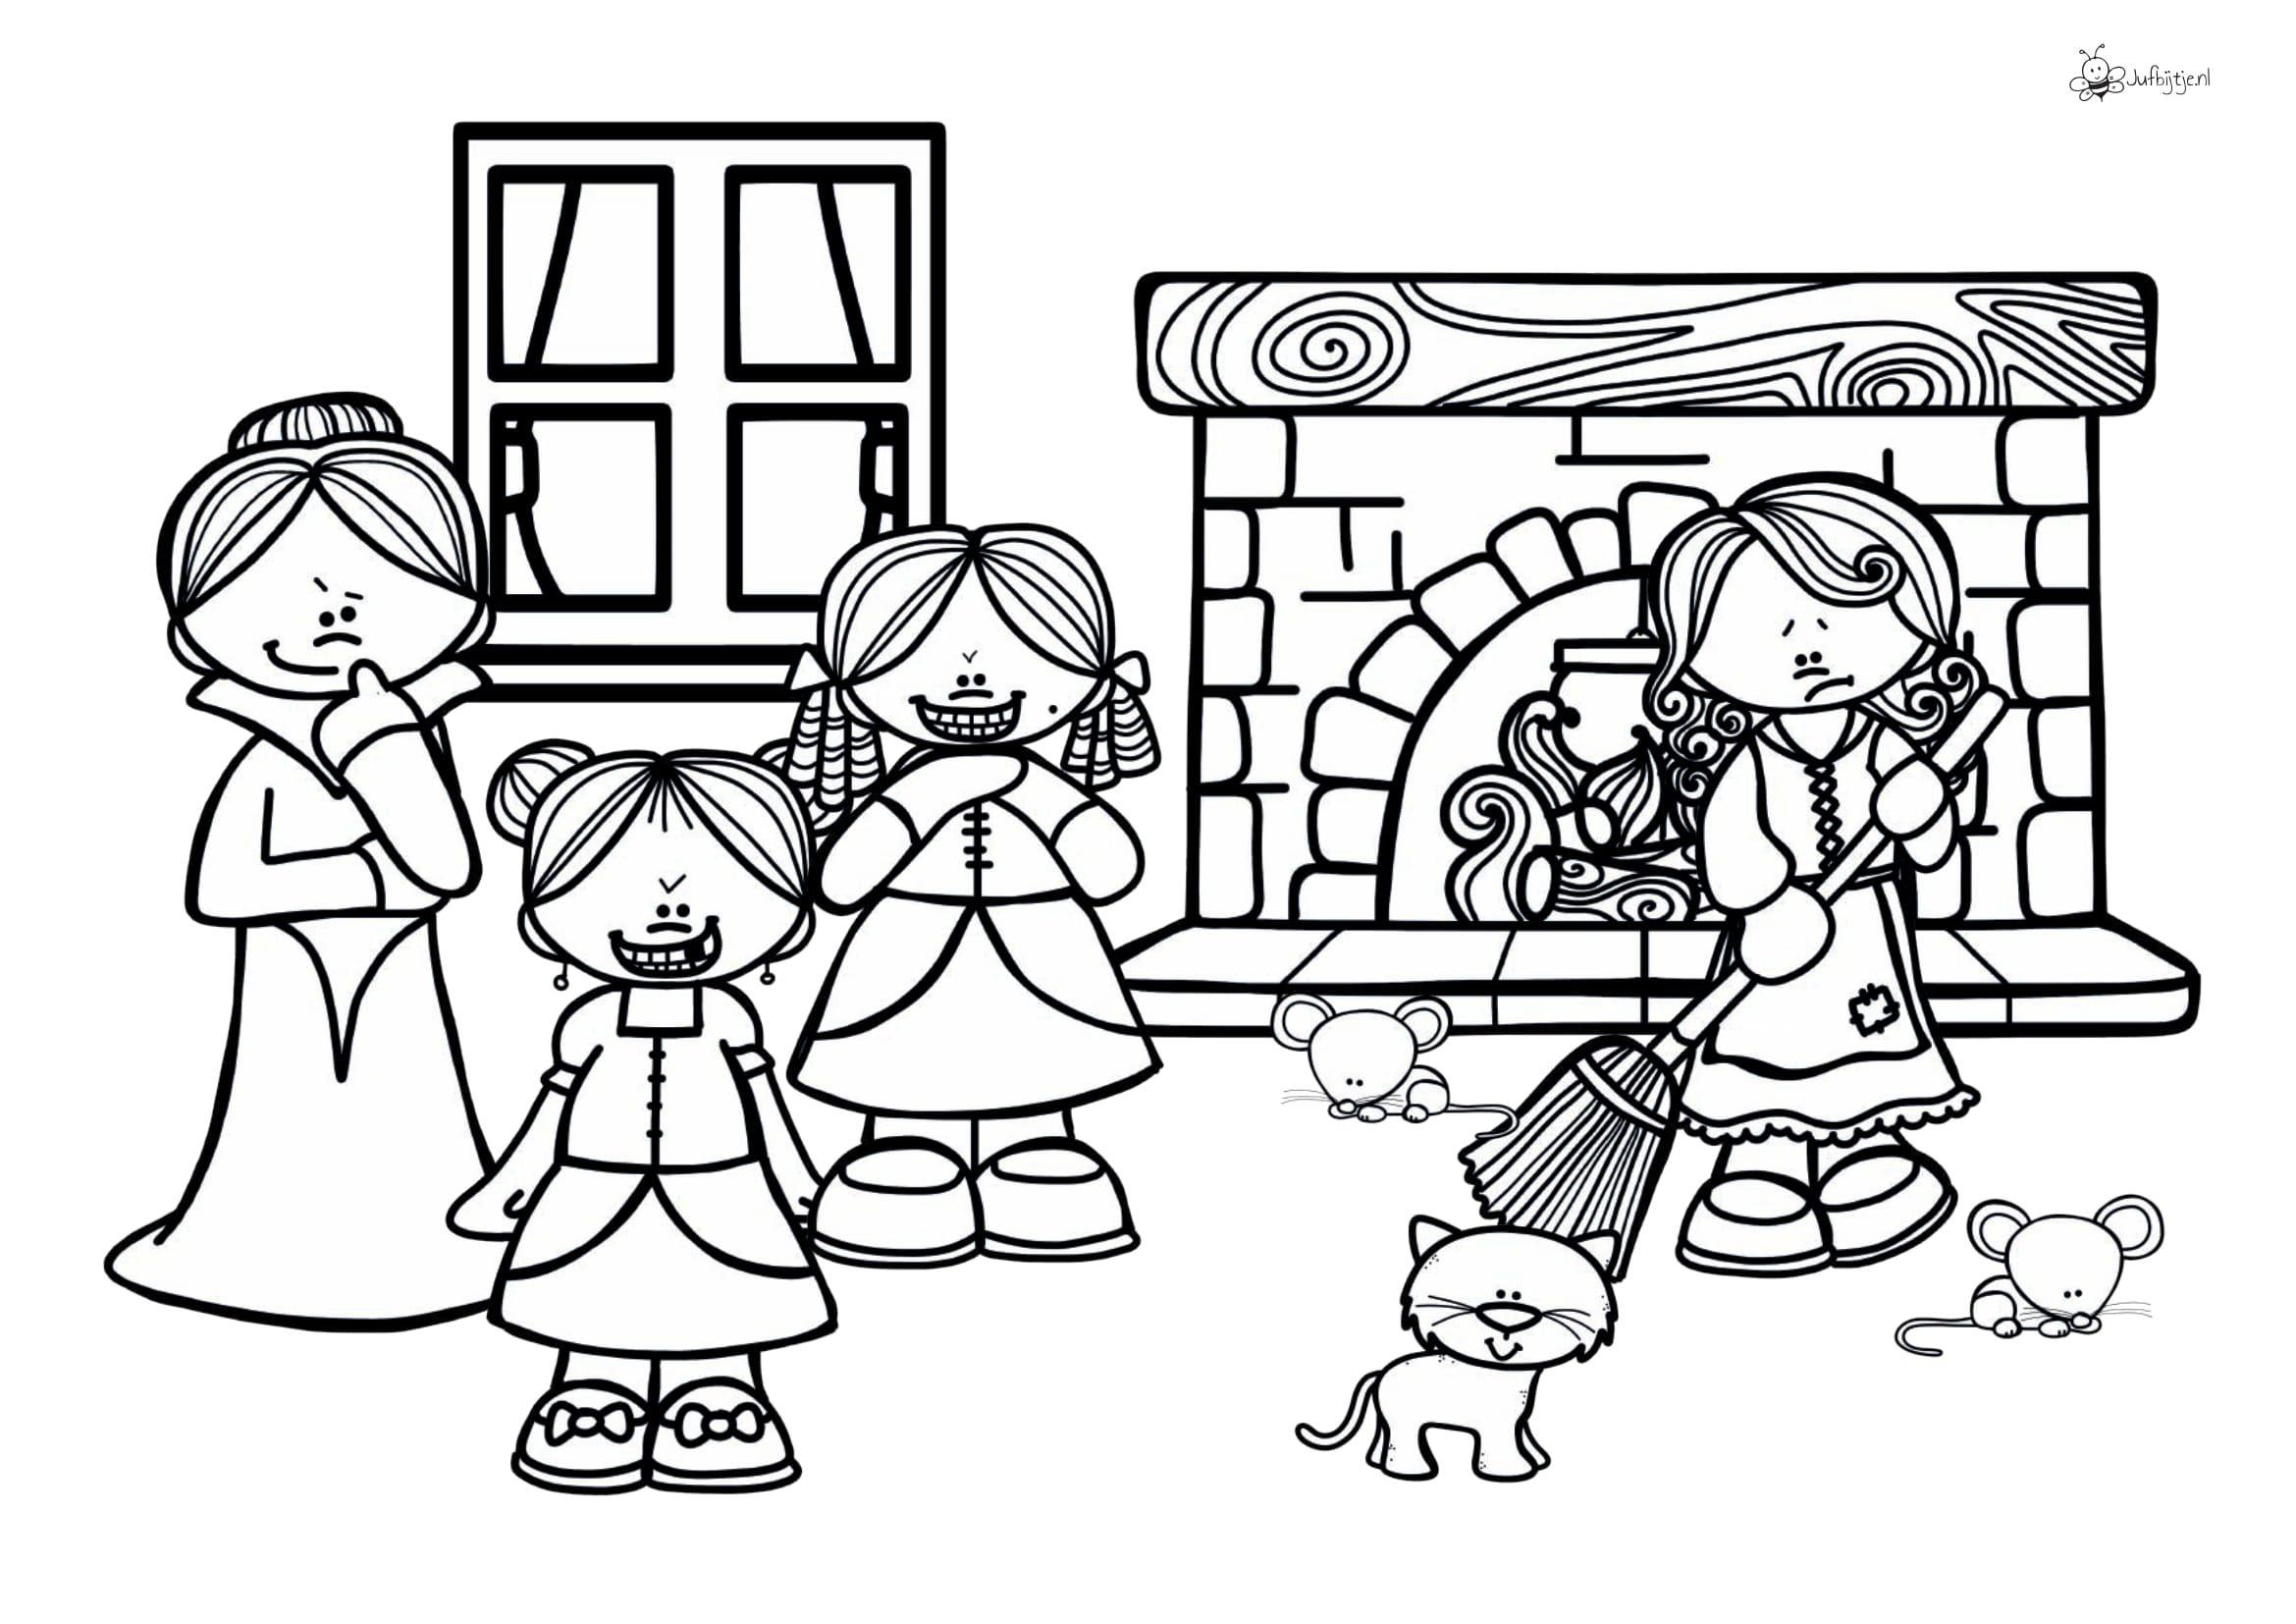 Kleurplaten Thema Sprookjes Roodkapje Assepoester Doornroosje Sneeuwwitje Jufbijtje Nl Doornroosje Sneeuwwitje Sprookjes